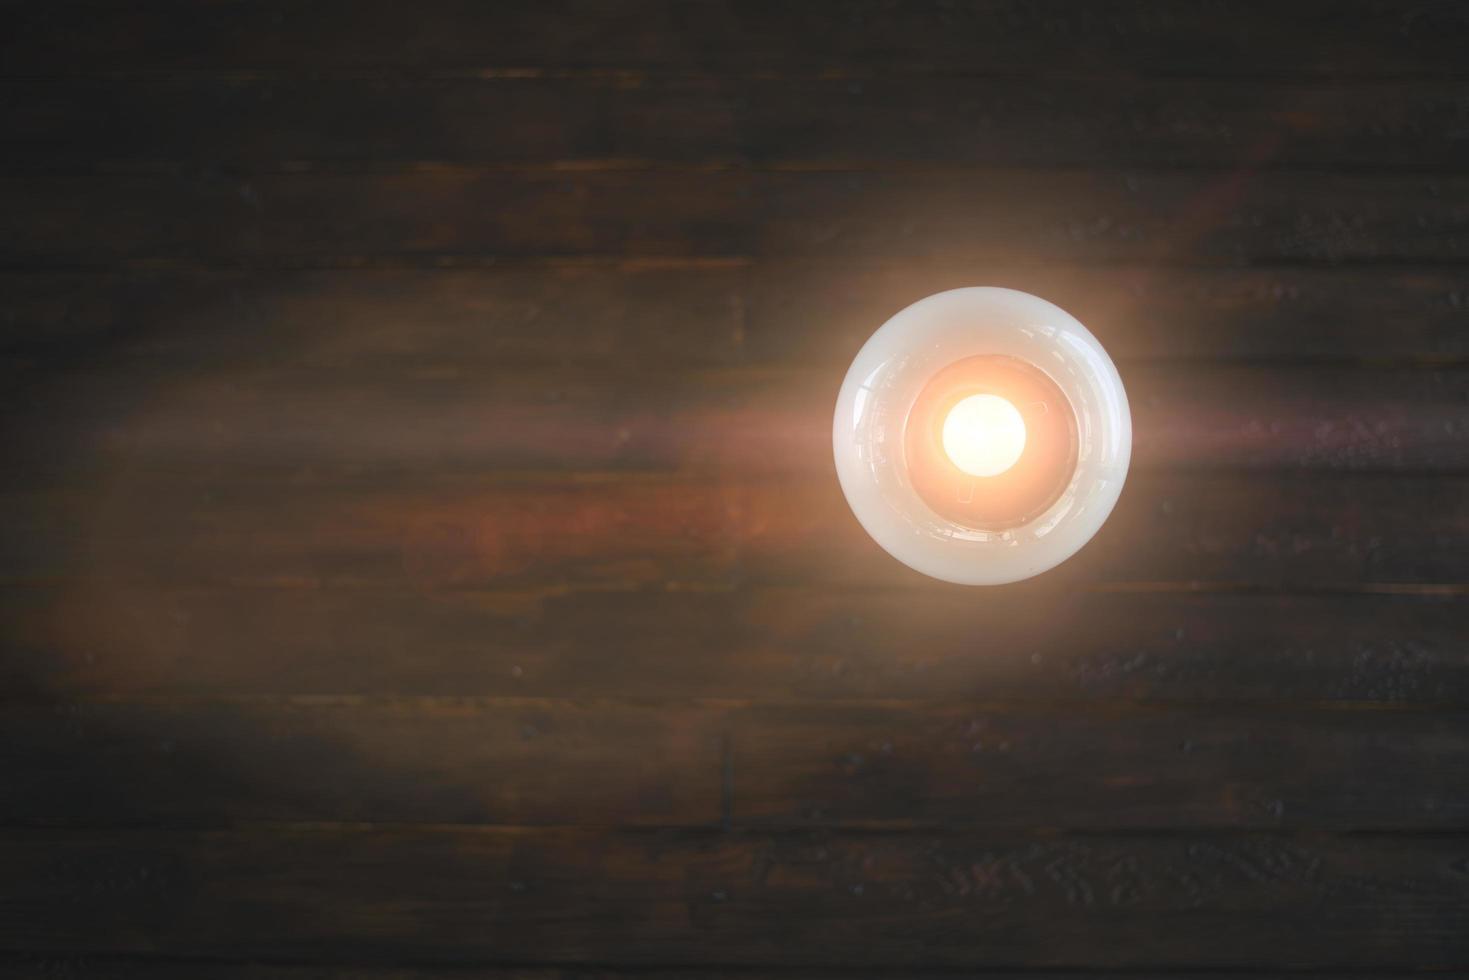 beleuchtetes Licht an der Decke foto